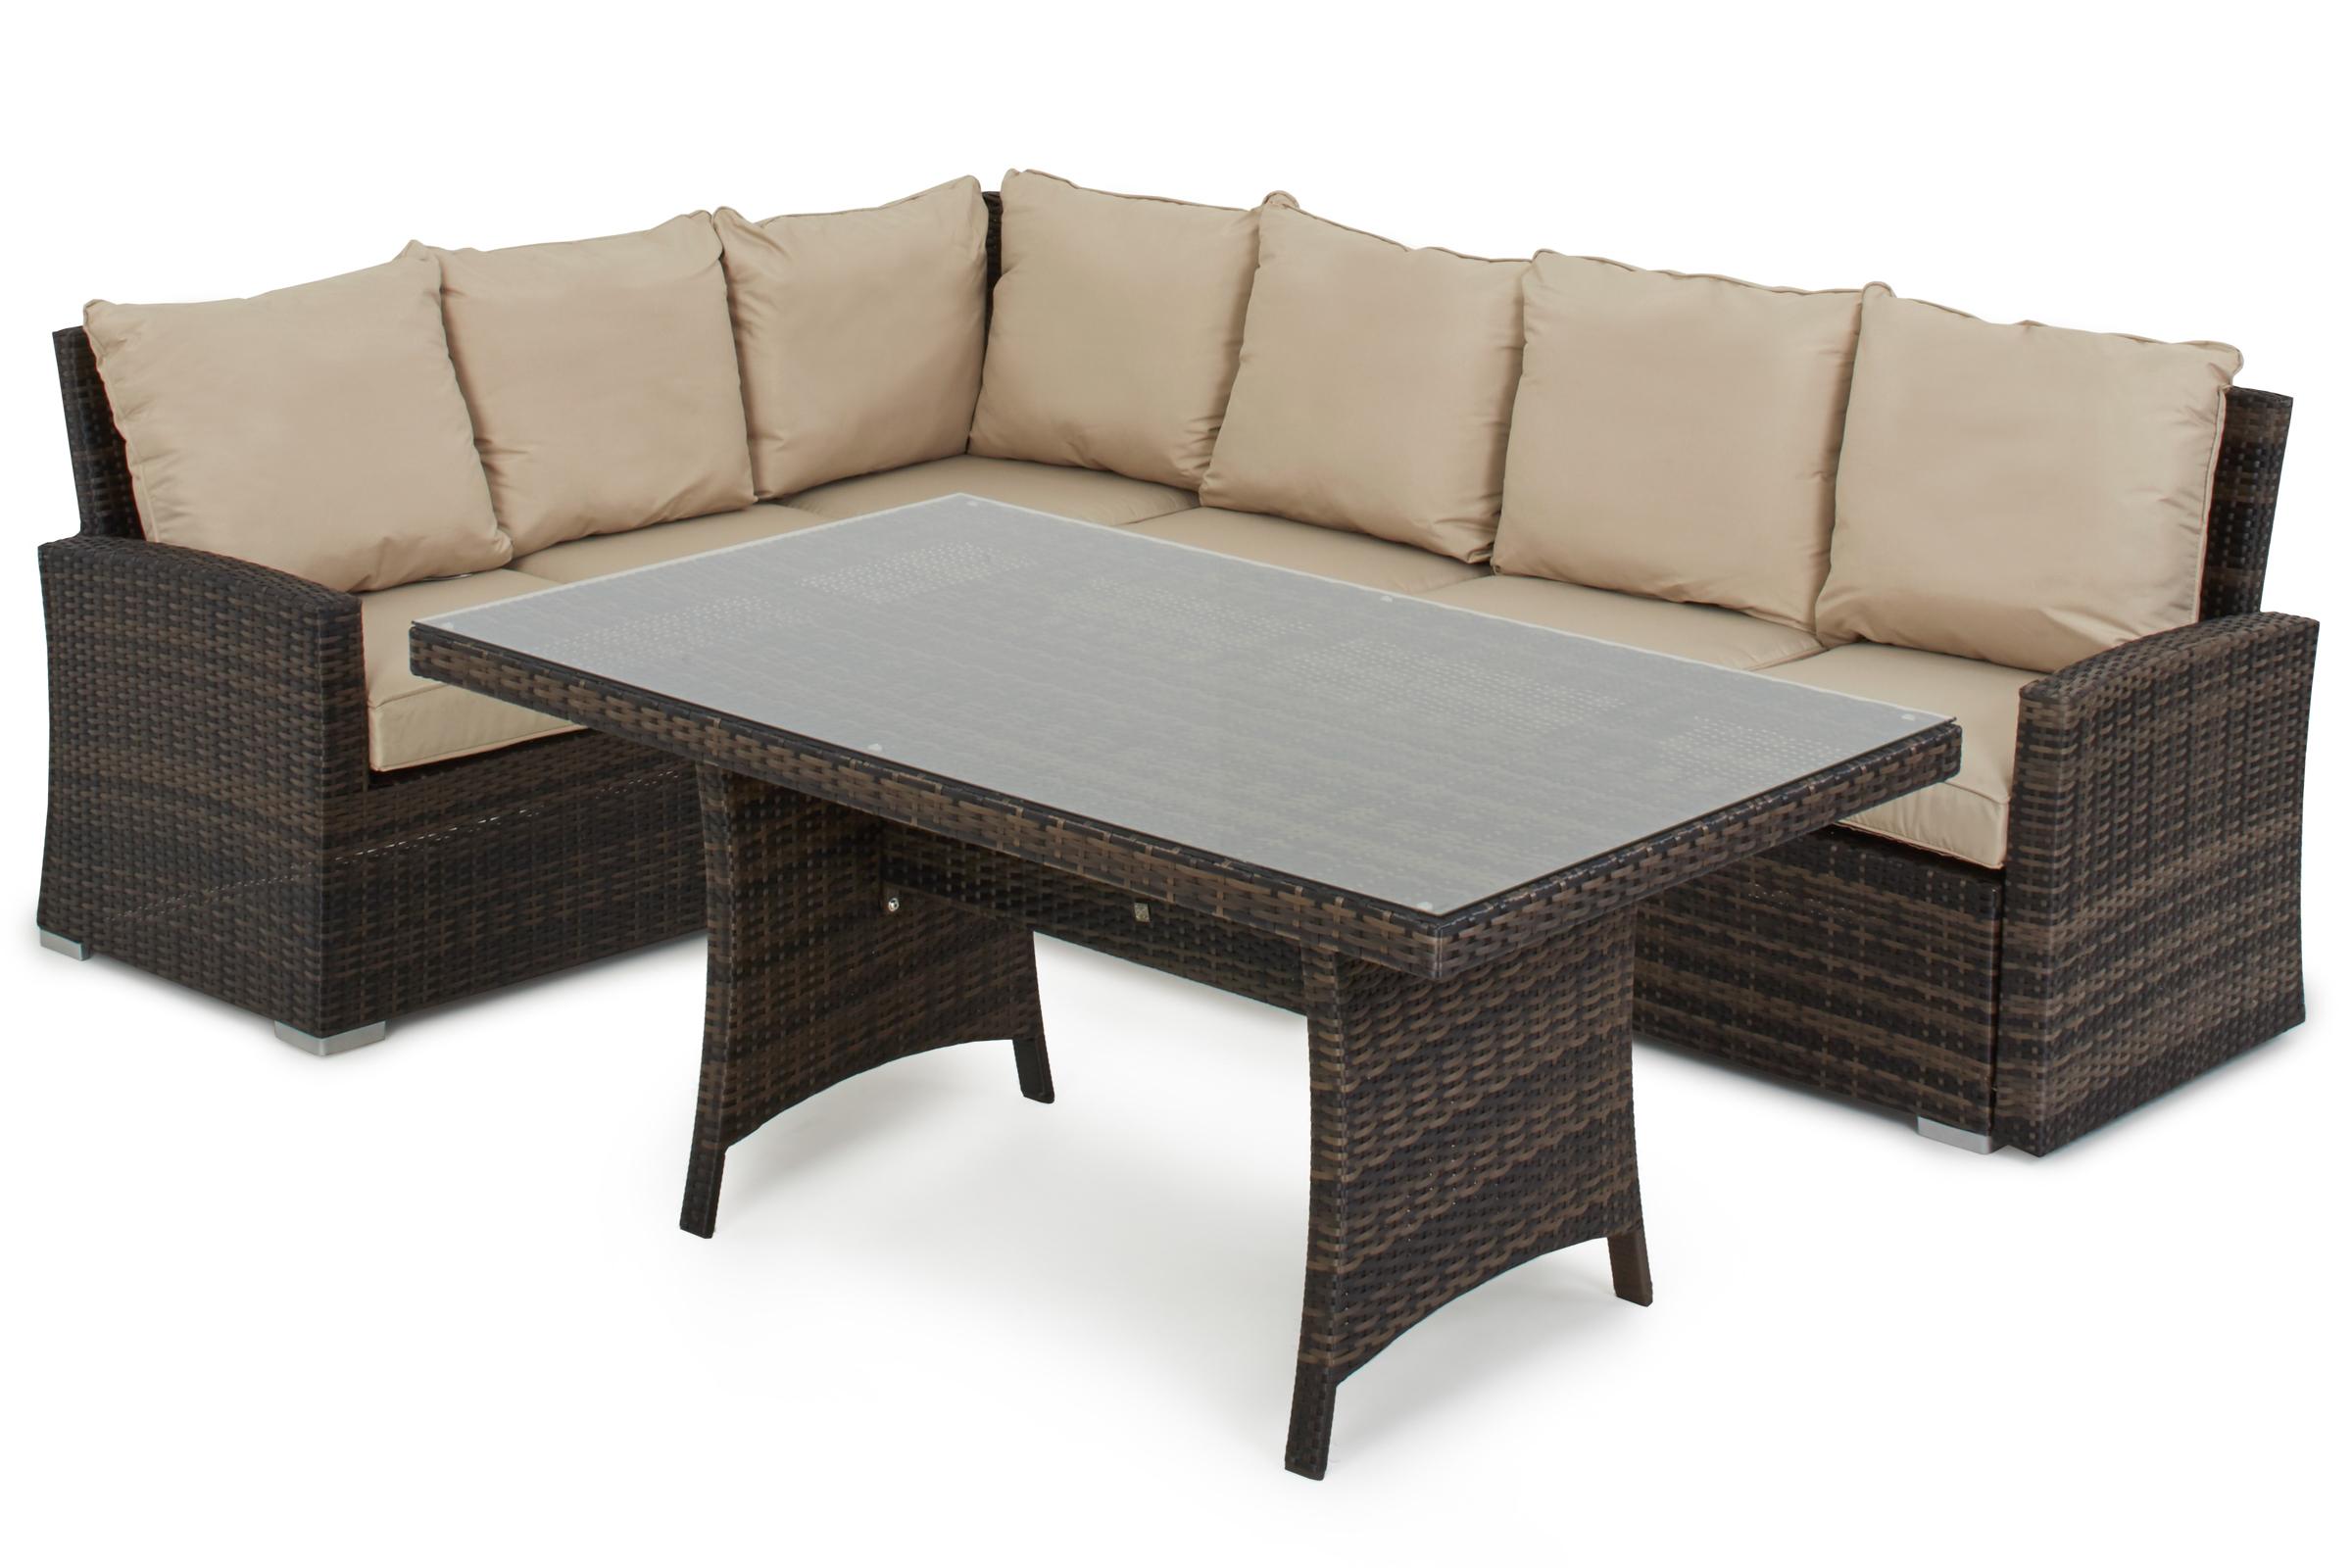 kingston corner sofa dining set crownhill. Black Bedroom Furniture Sets. Home Design Ideas